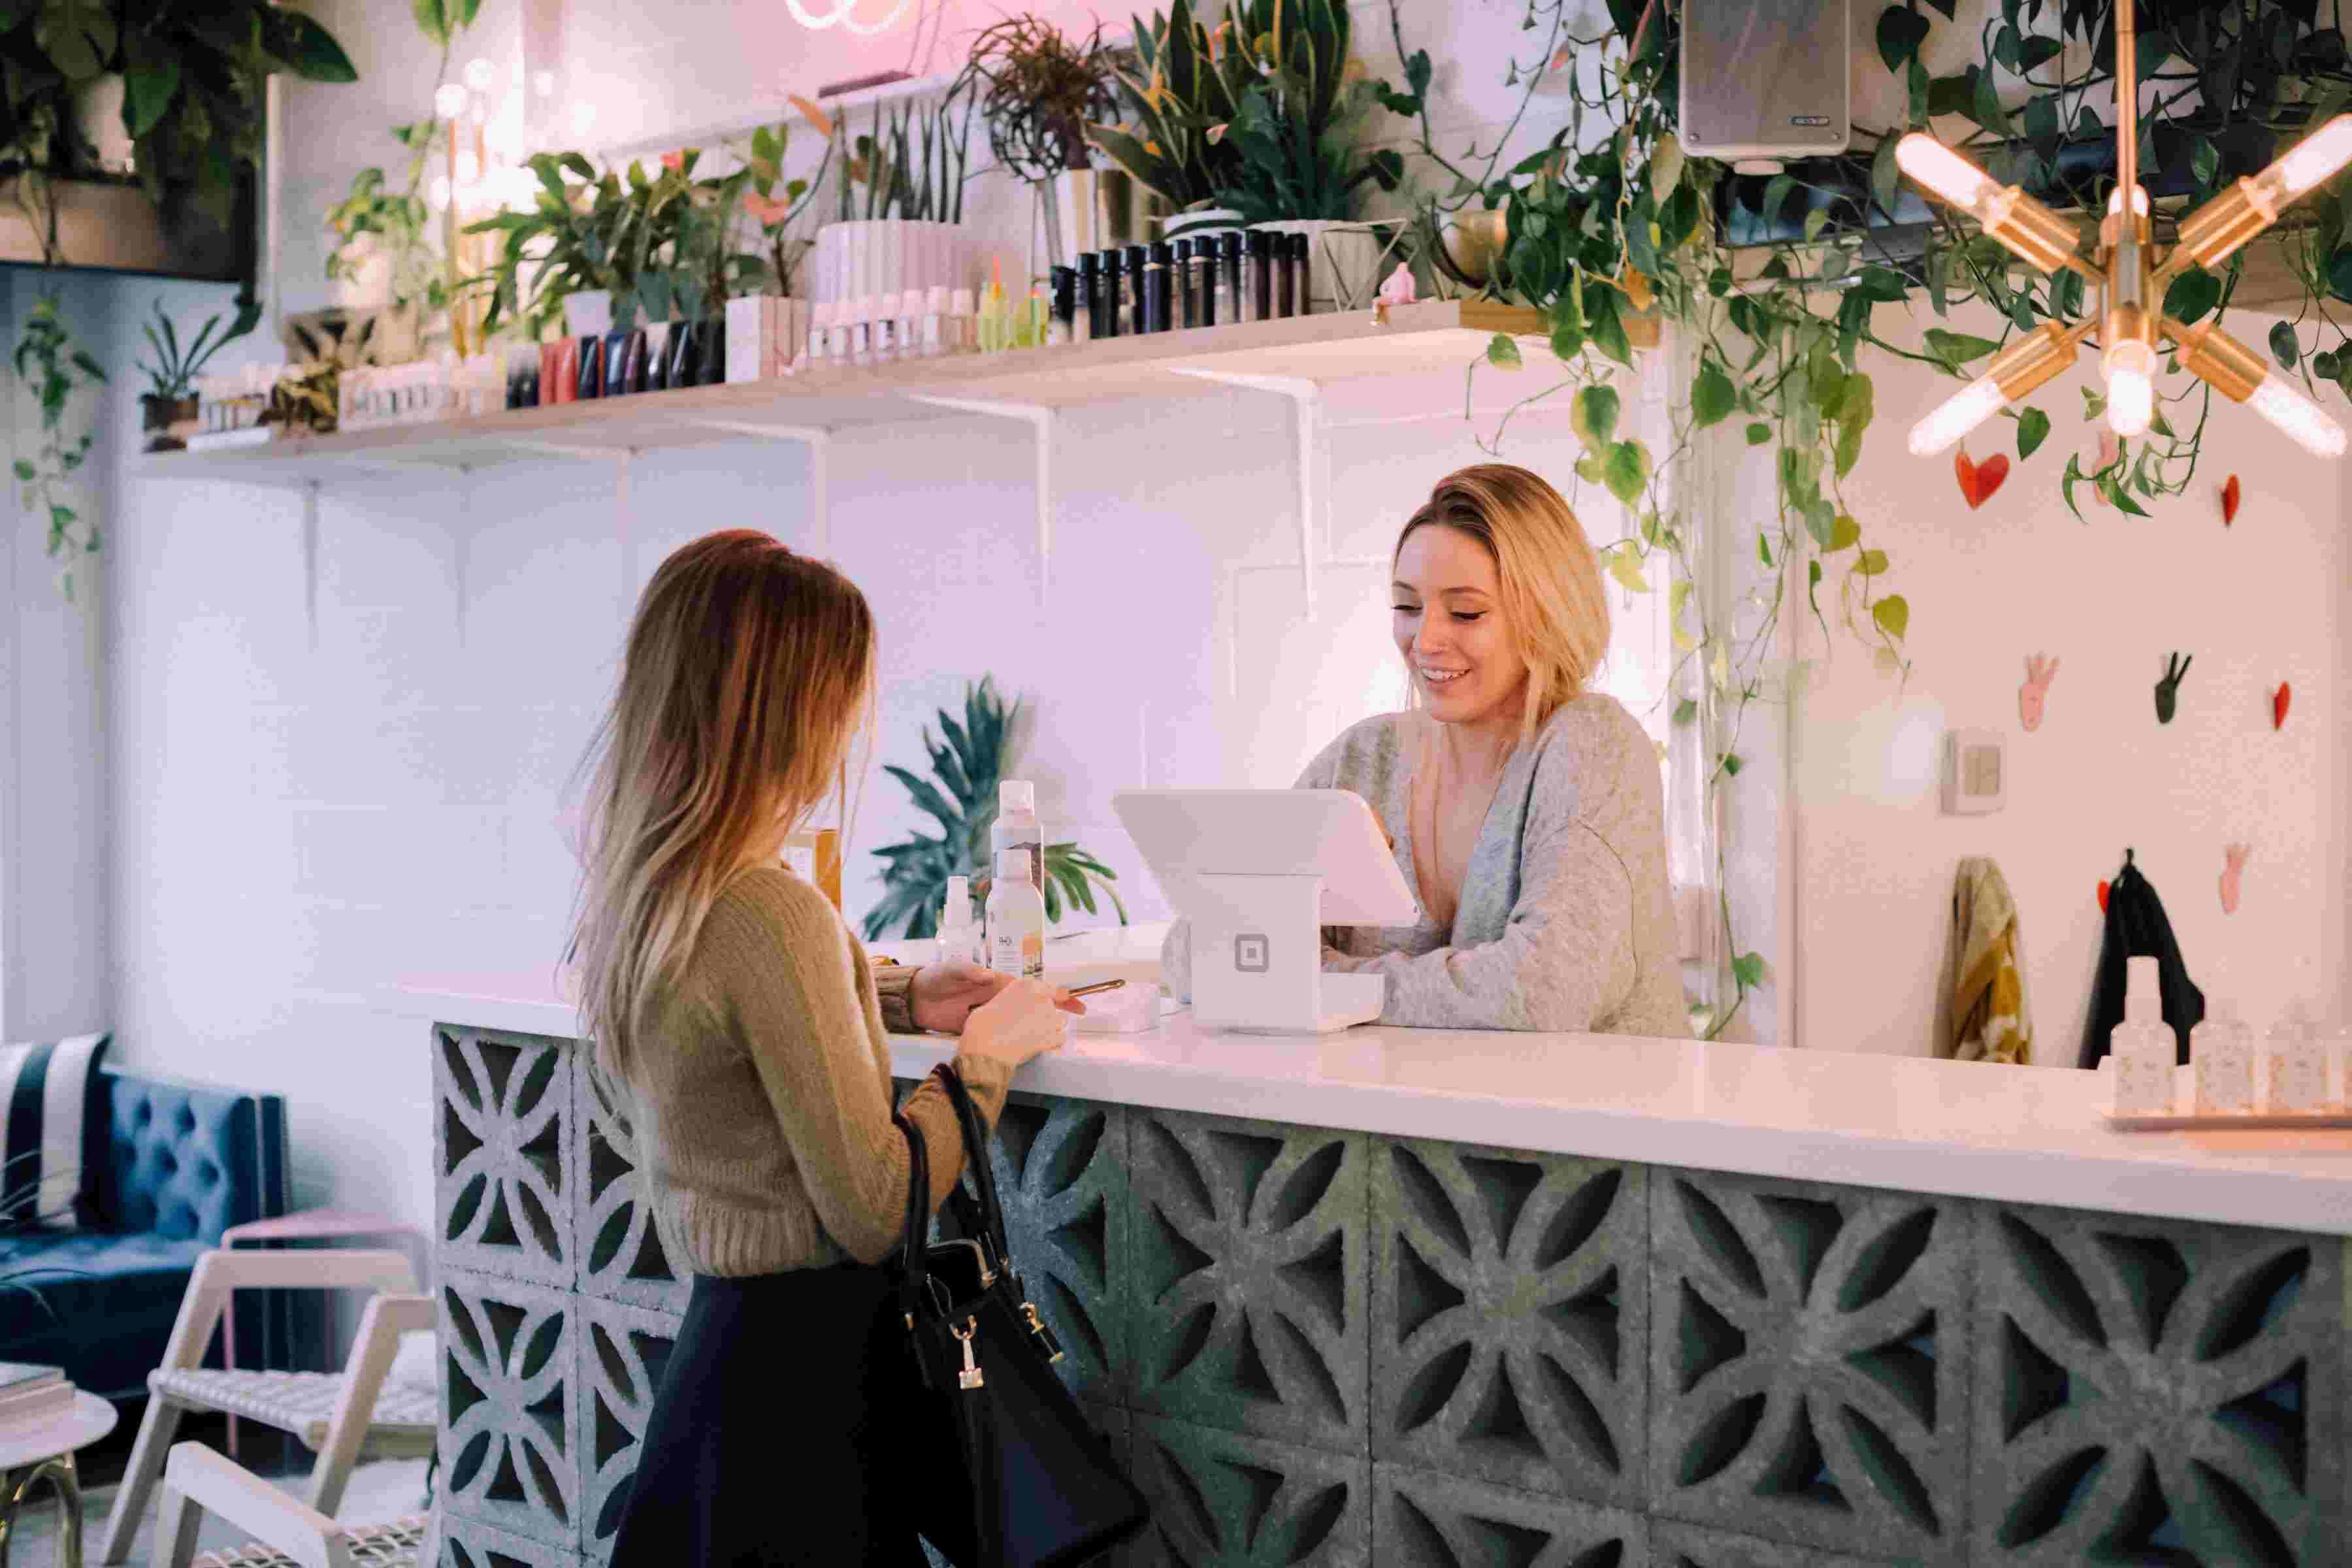 Comment mettre en avant son service de personnalisation en boutique ?